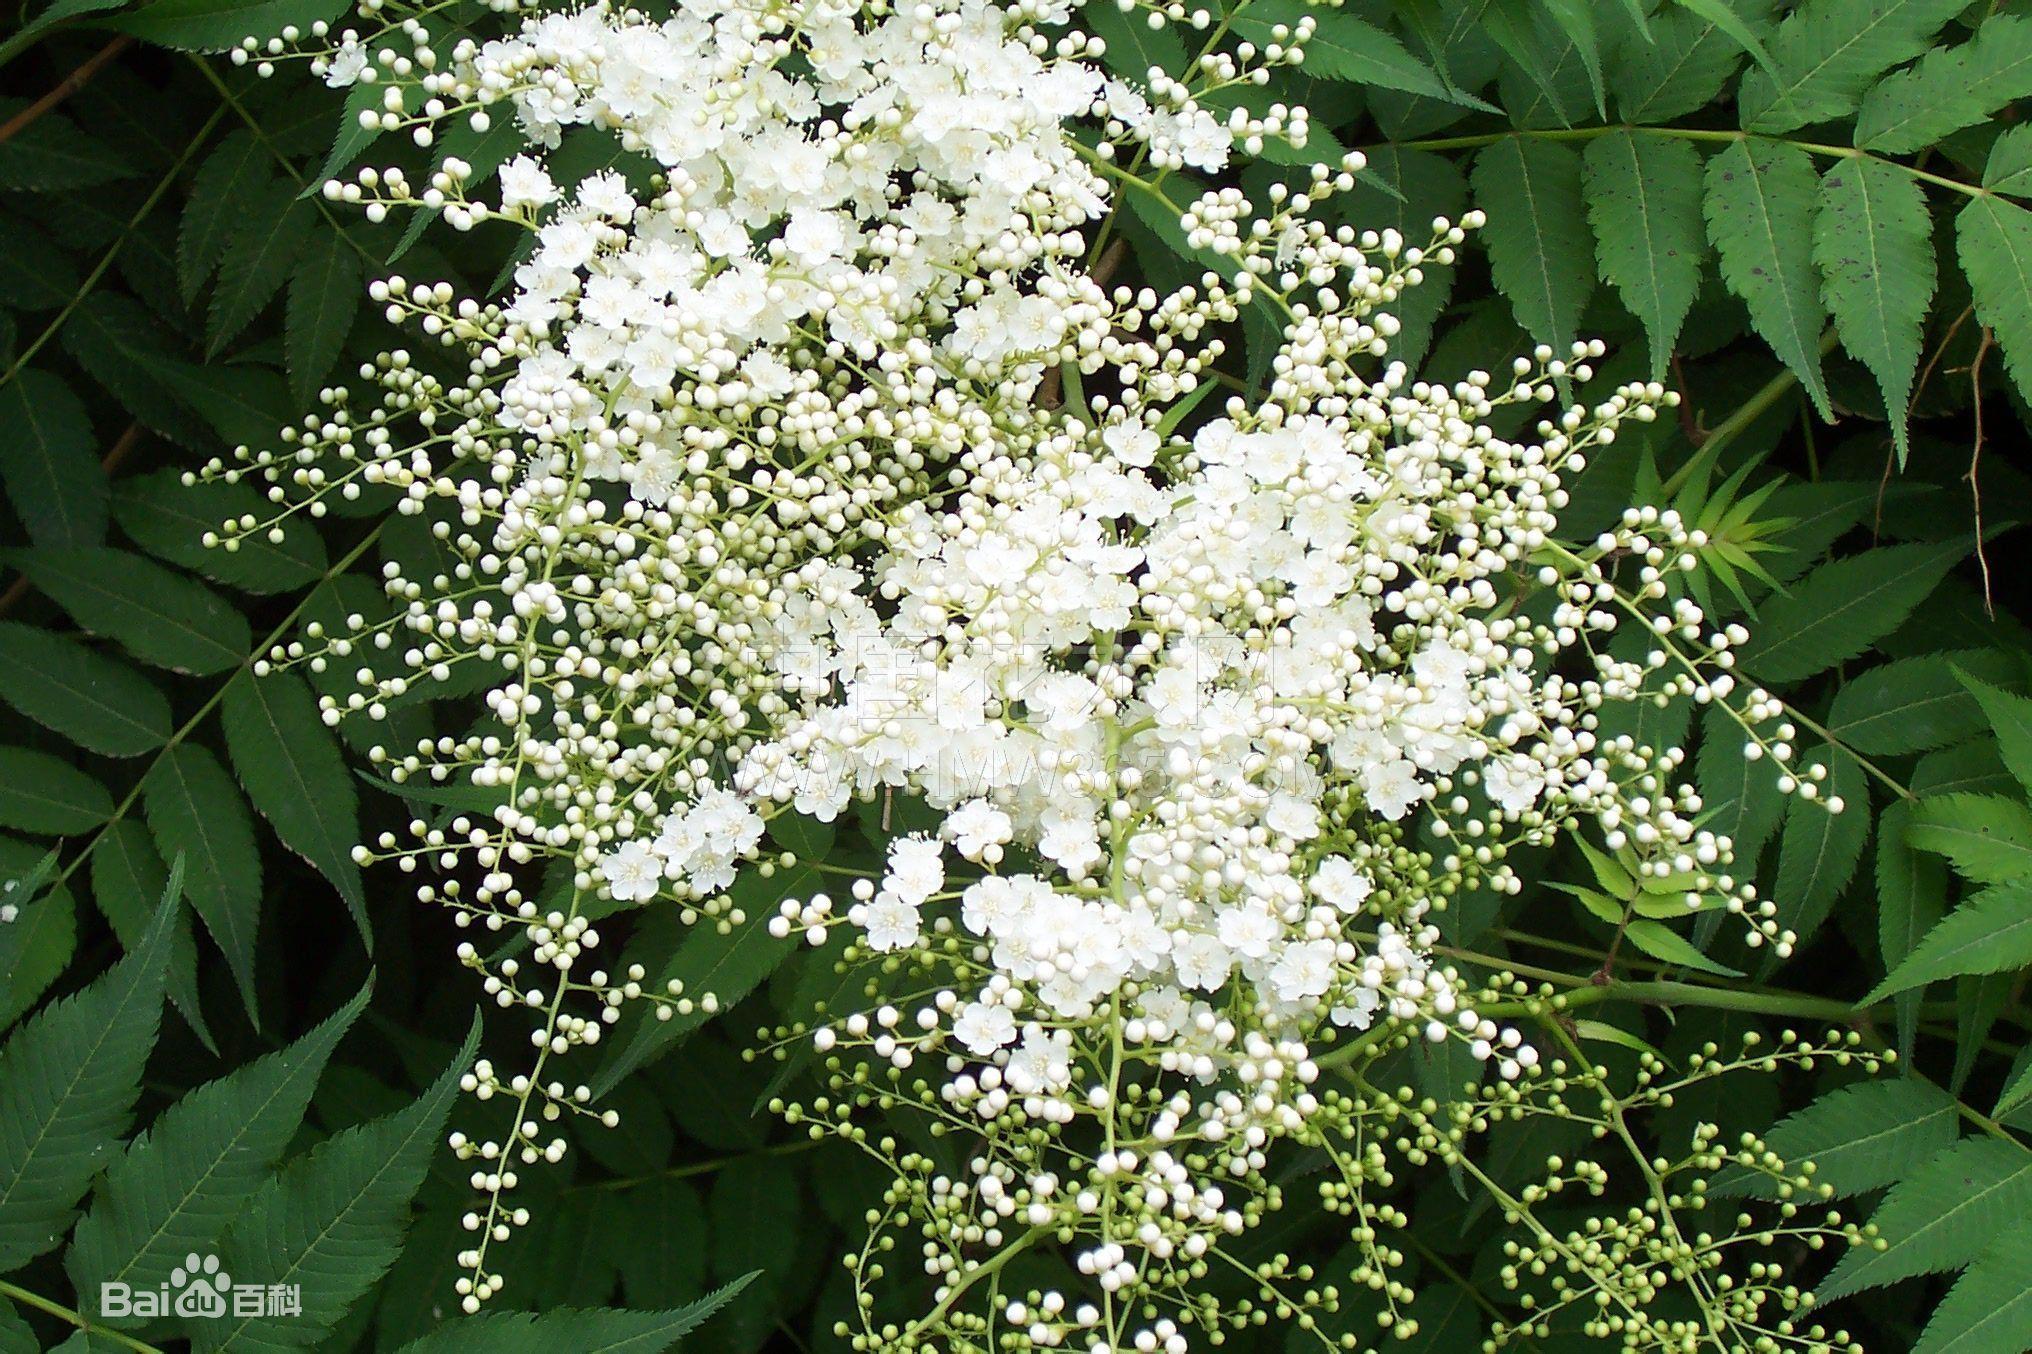 奈树香儿_这是什么树(香花树,灌木树),这是树枝上面开的花,很香